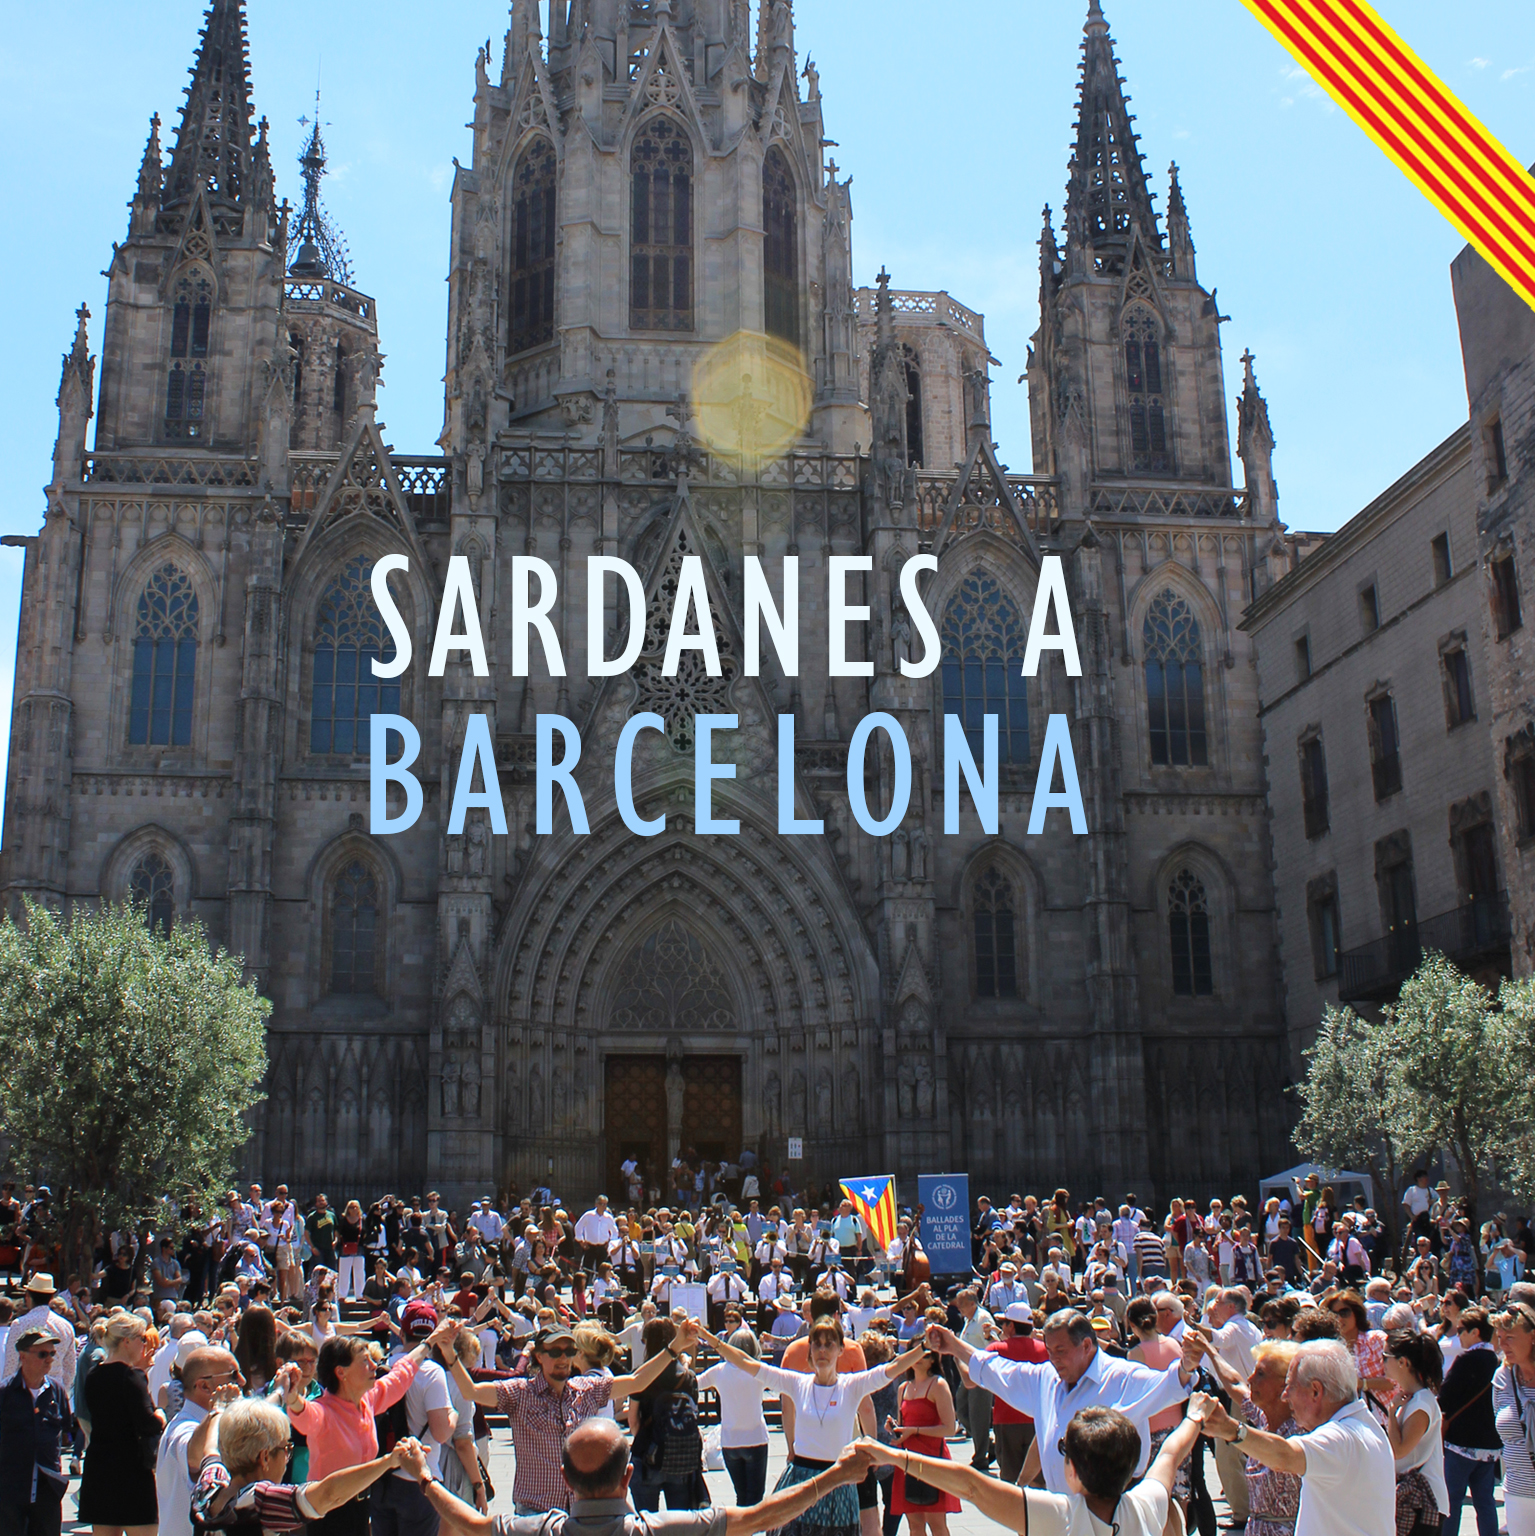 Ballada de sardanes @ Pla de la Catedral de Barcelona